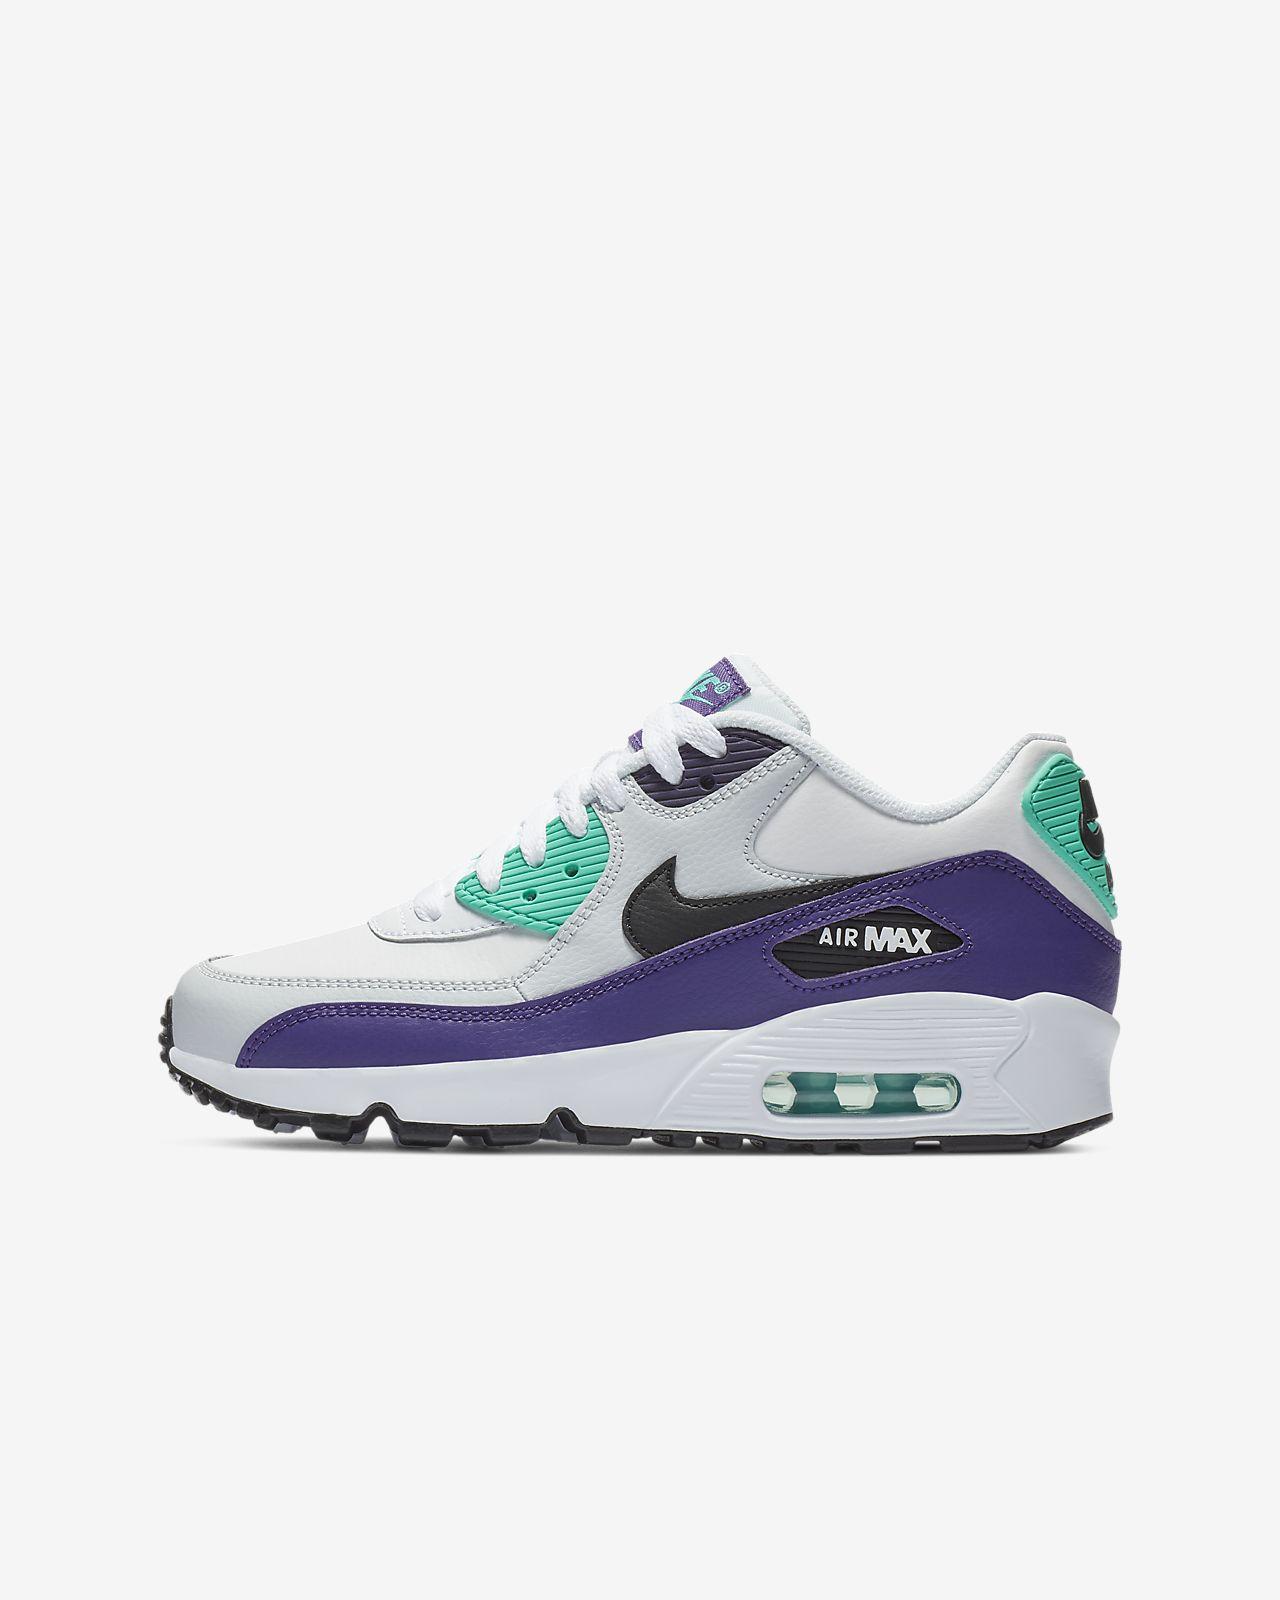 224c546eced4f4 Nike Air Max 90 Leather Schuh für ältere Kinder. Nike.com LU